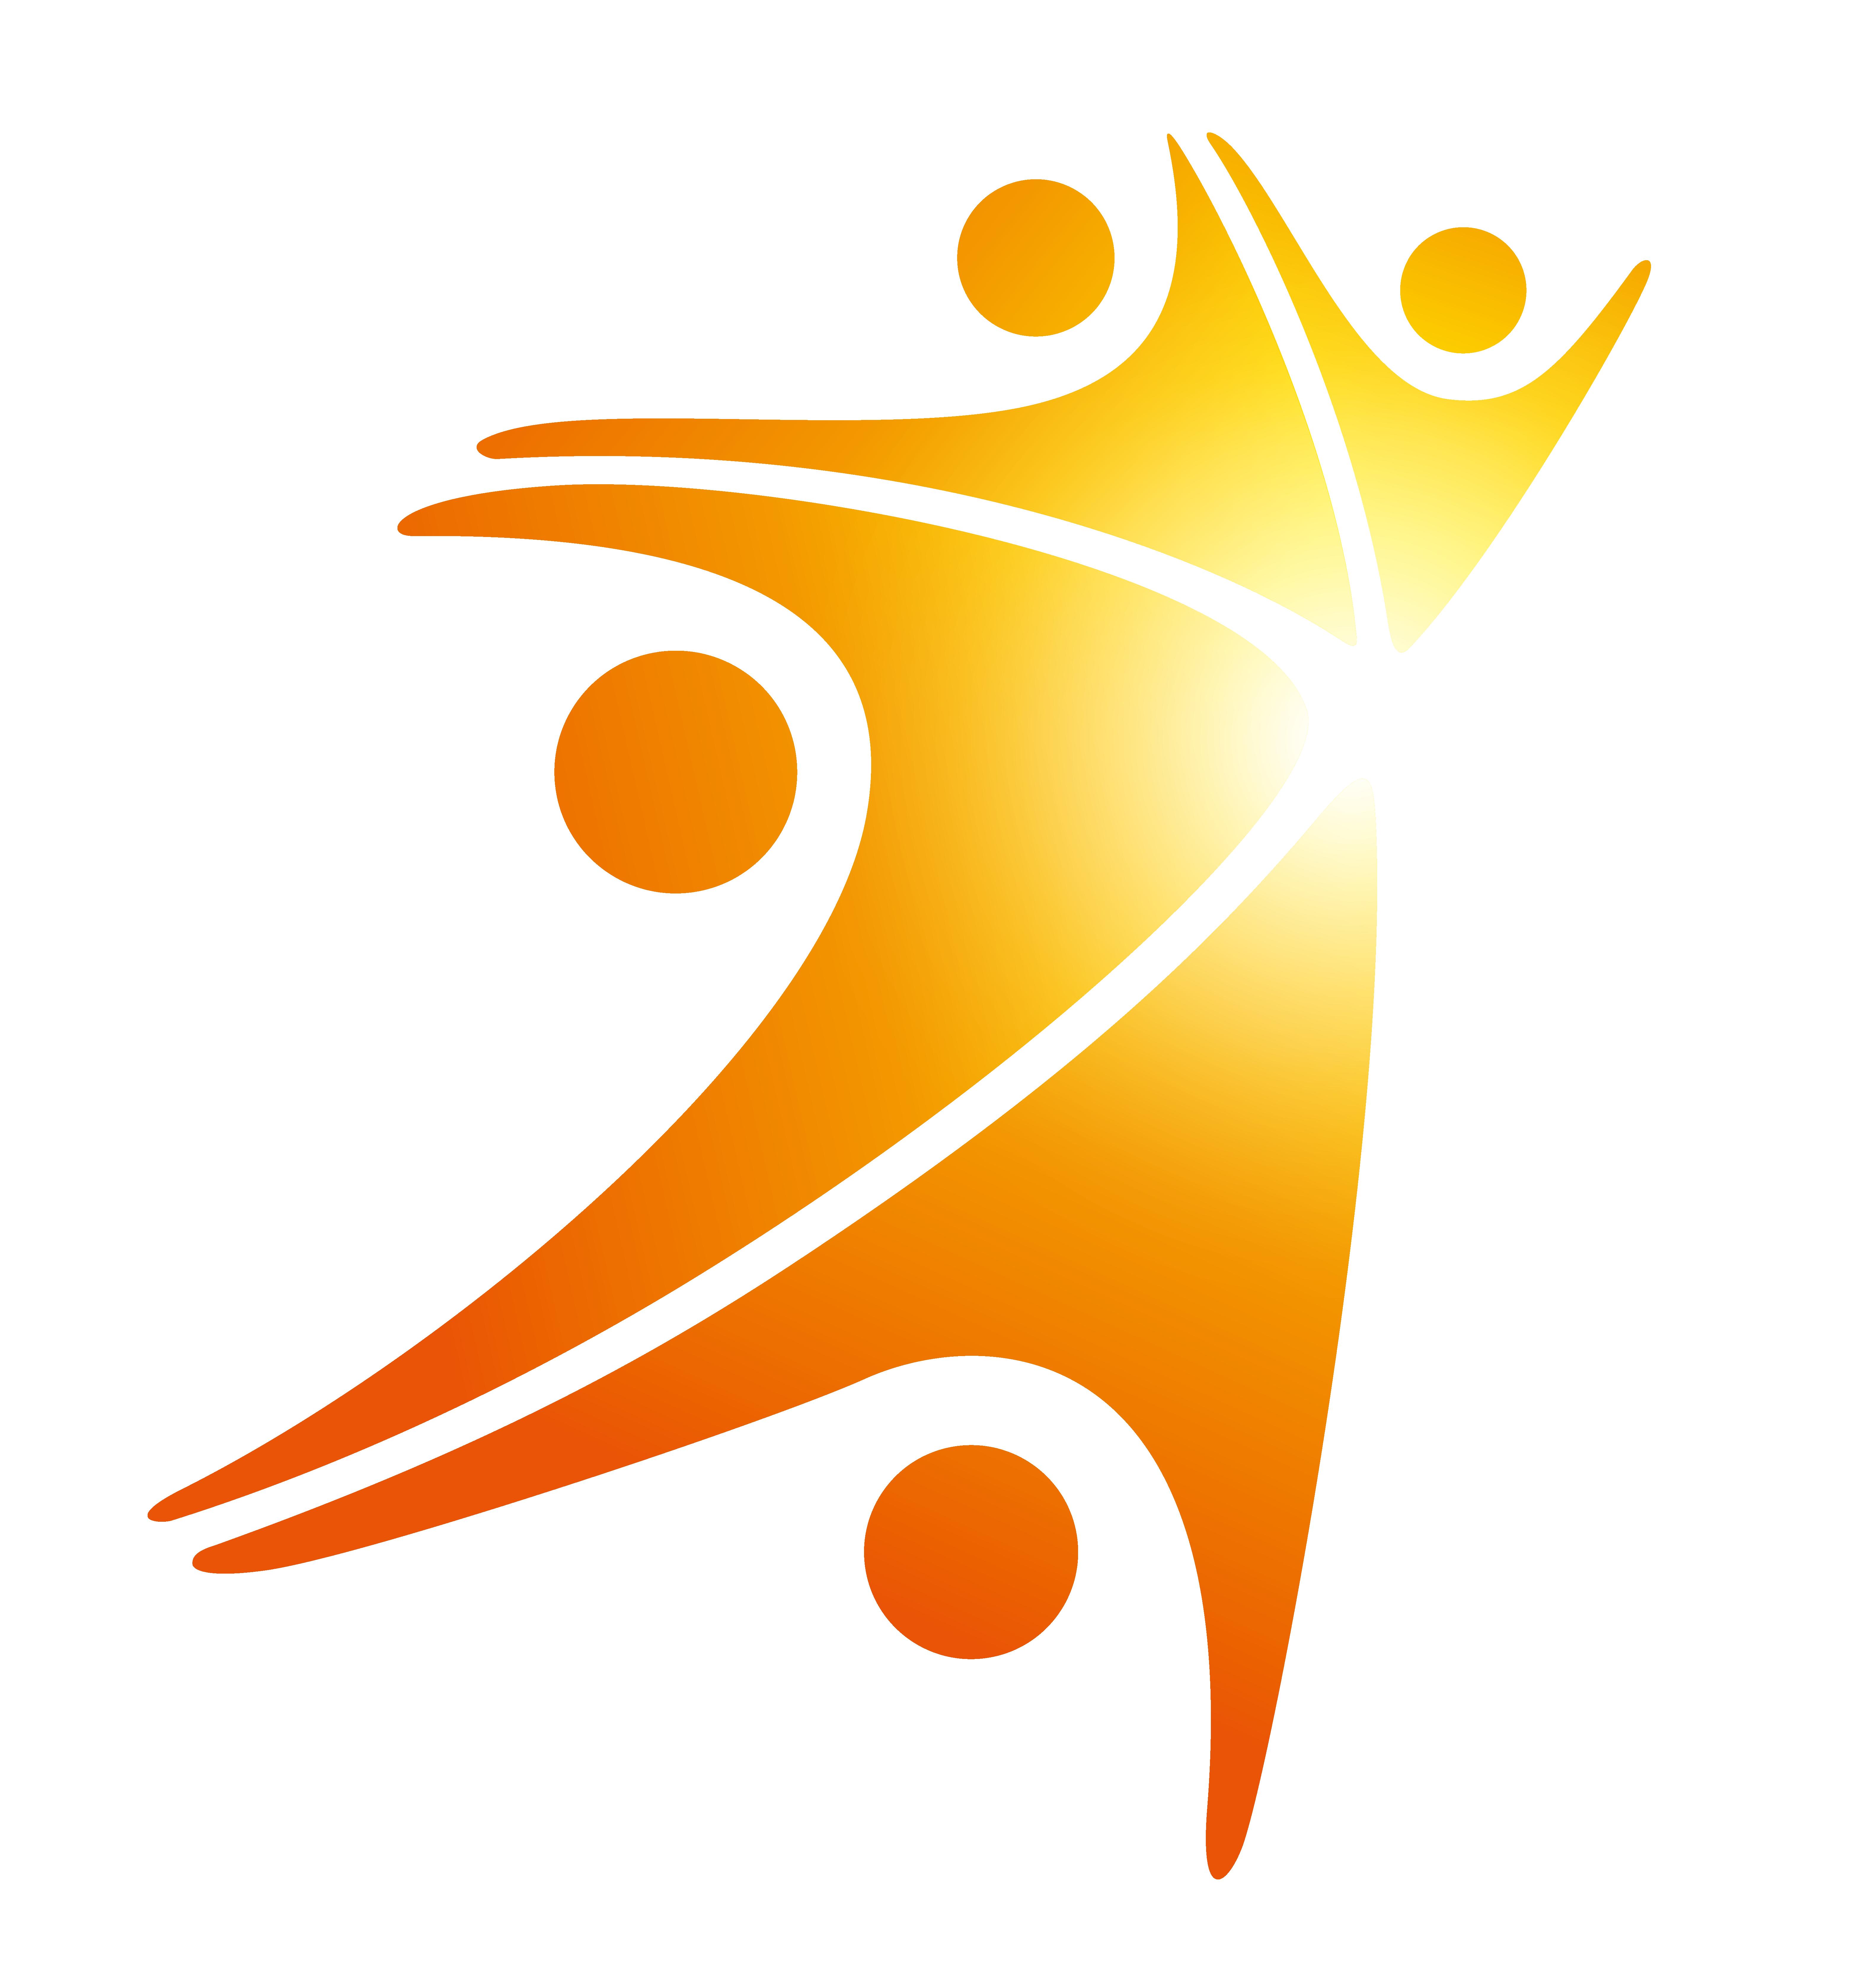 logo logo 标志 设计 矢量 矢量图 素材 图标 6329_6651